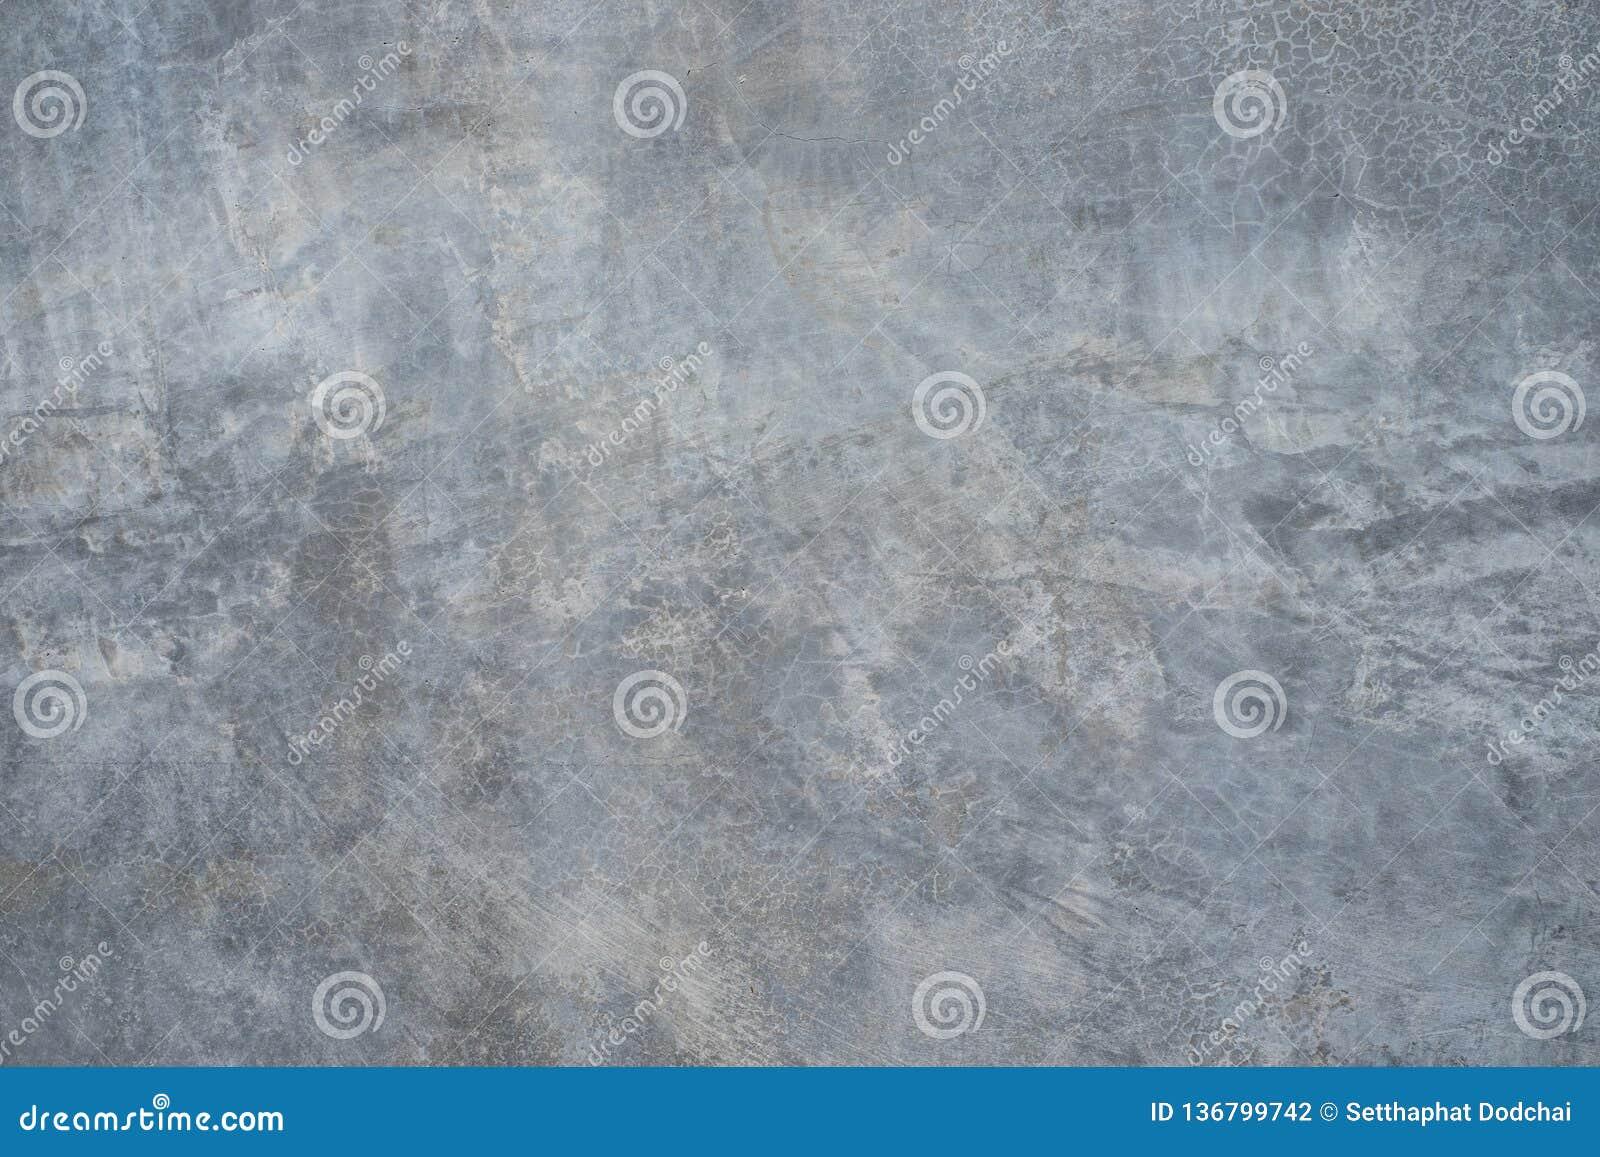 Mur En Béton, Mur Gris De Vieille De Ciment Couleur De Texture Pour ...